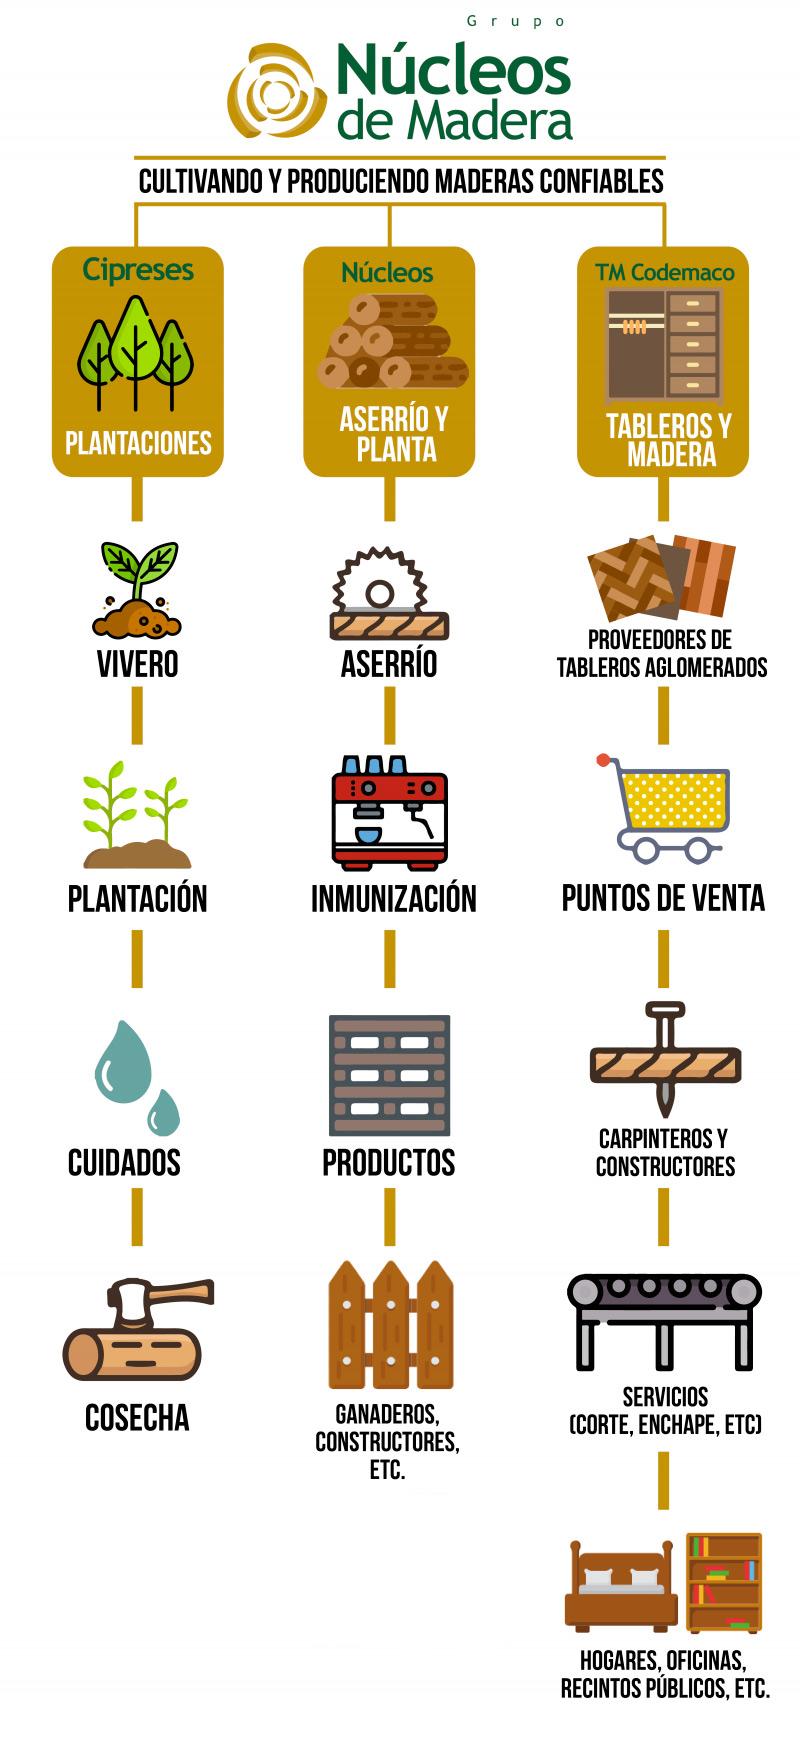 Infografia-Grupo-Nucleos-de-Madera